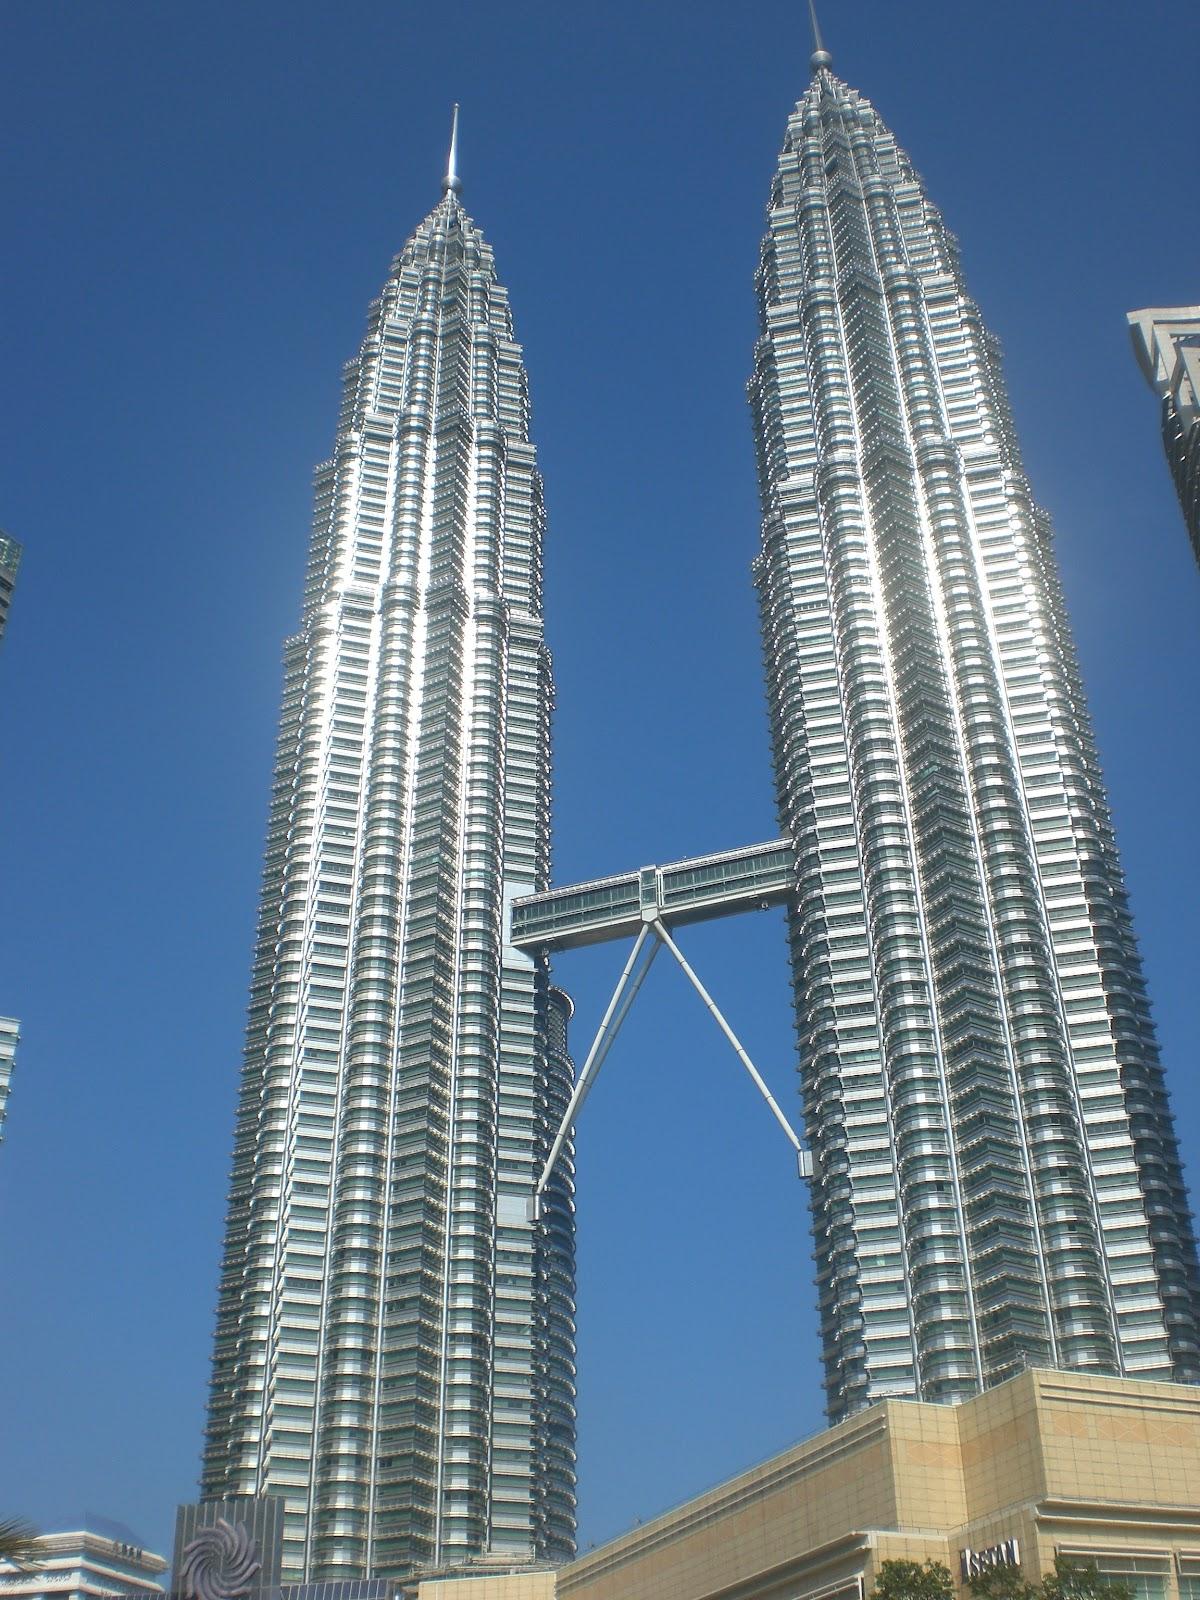 petronas twins tower menara kembar tertinggi di dunia mochamad rh yusufsantoso blogspot com Menara KLCC Gambar Menara Petronas